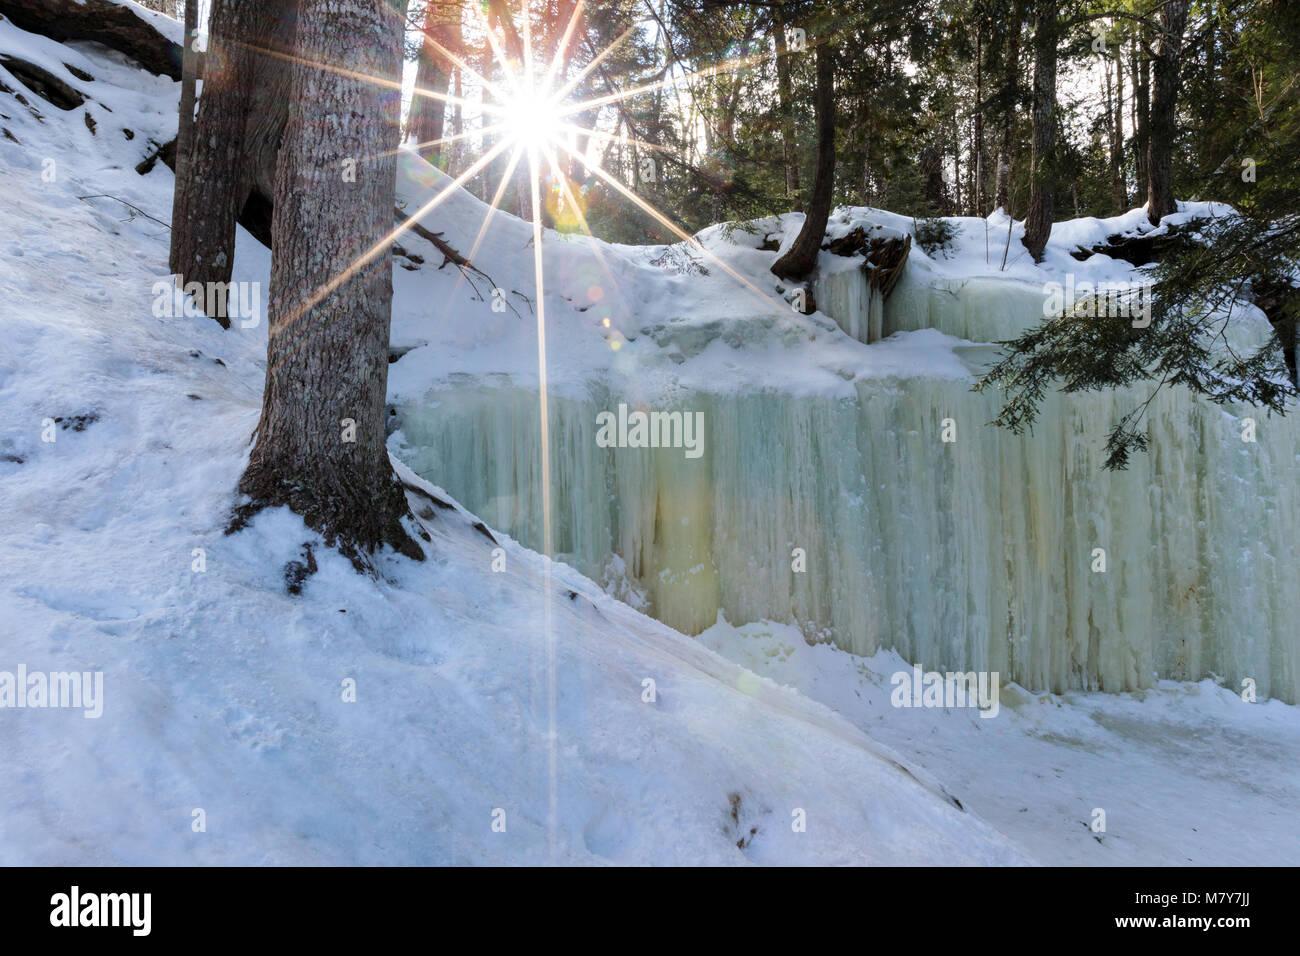 Eben Eishöhlen in Michigan's Upper Peninsula über einen Felsvorsprung, wie ein Wasserfall, Erstellen Stockbild